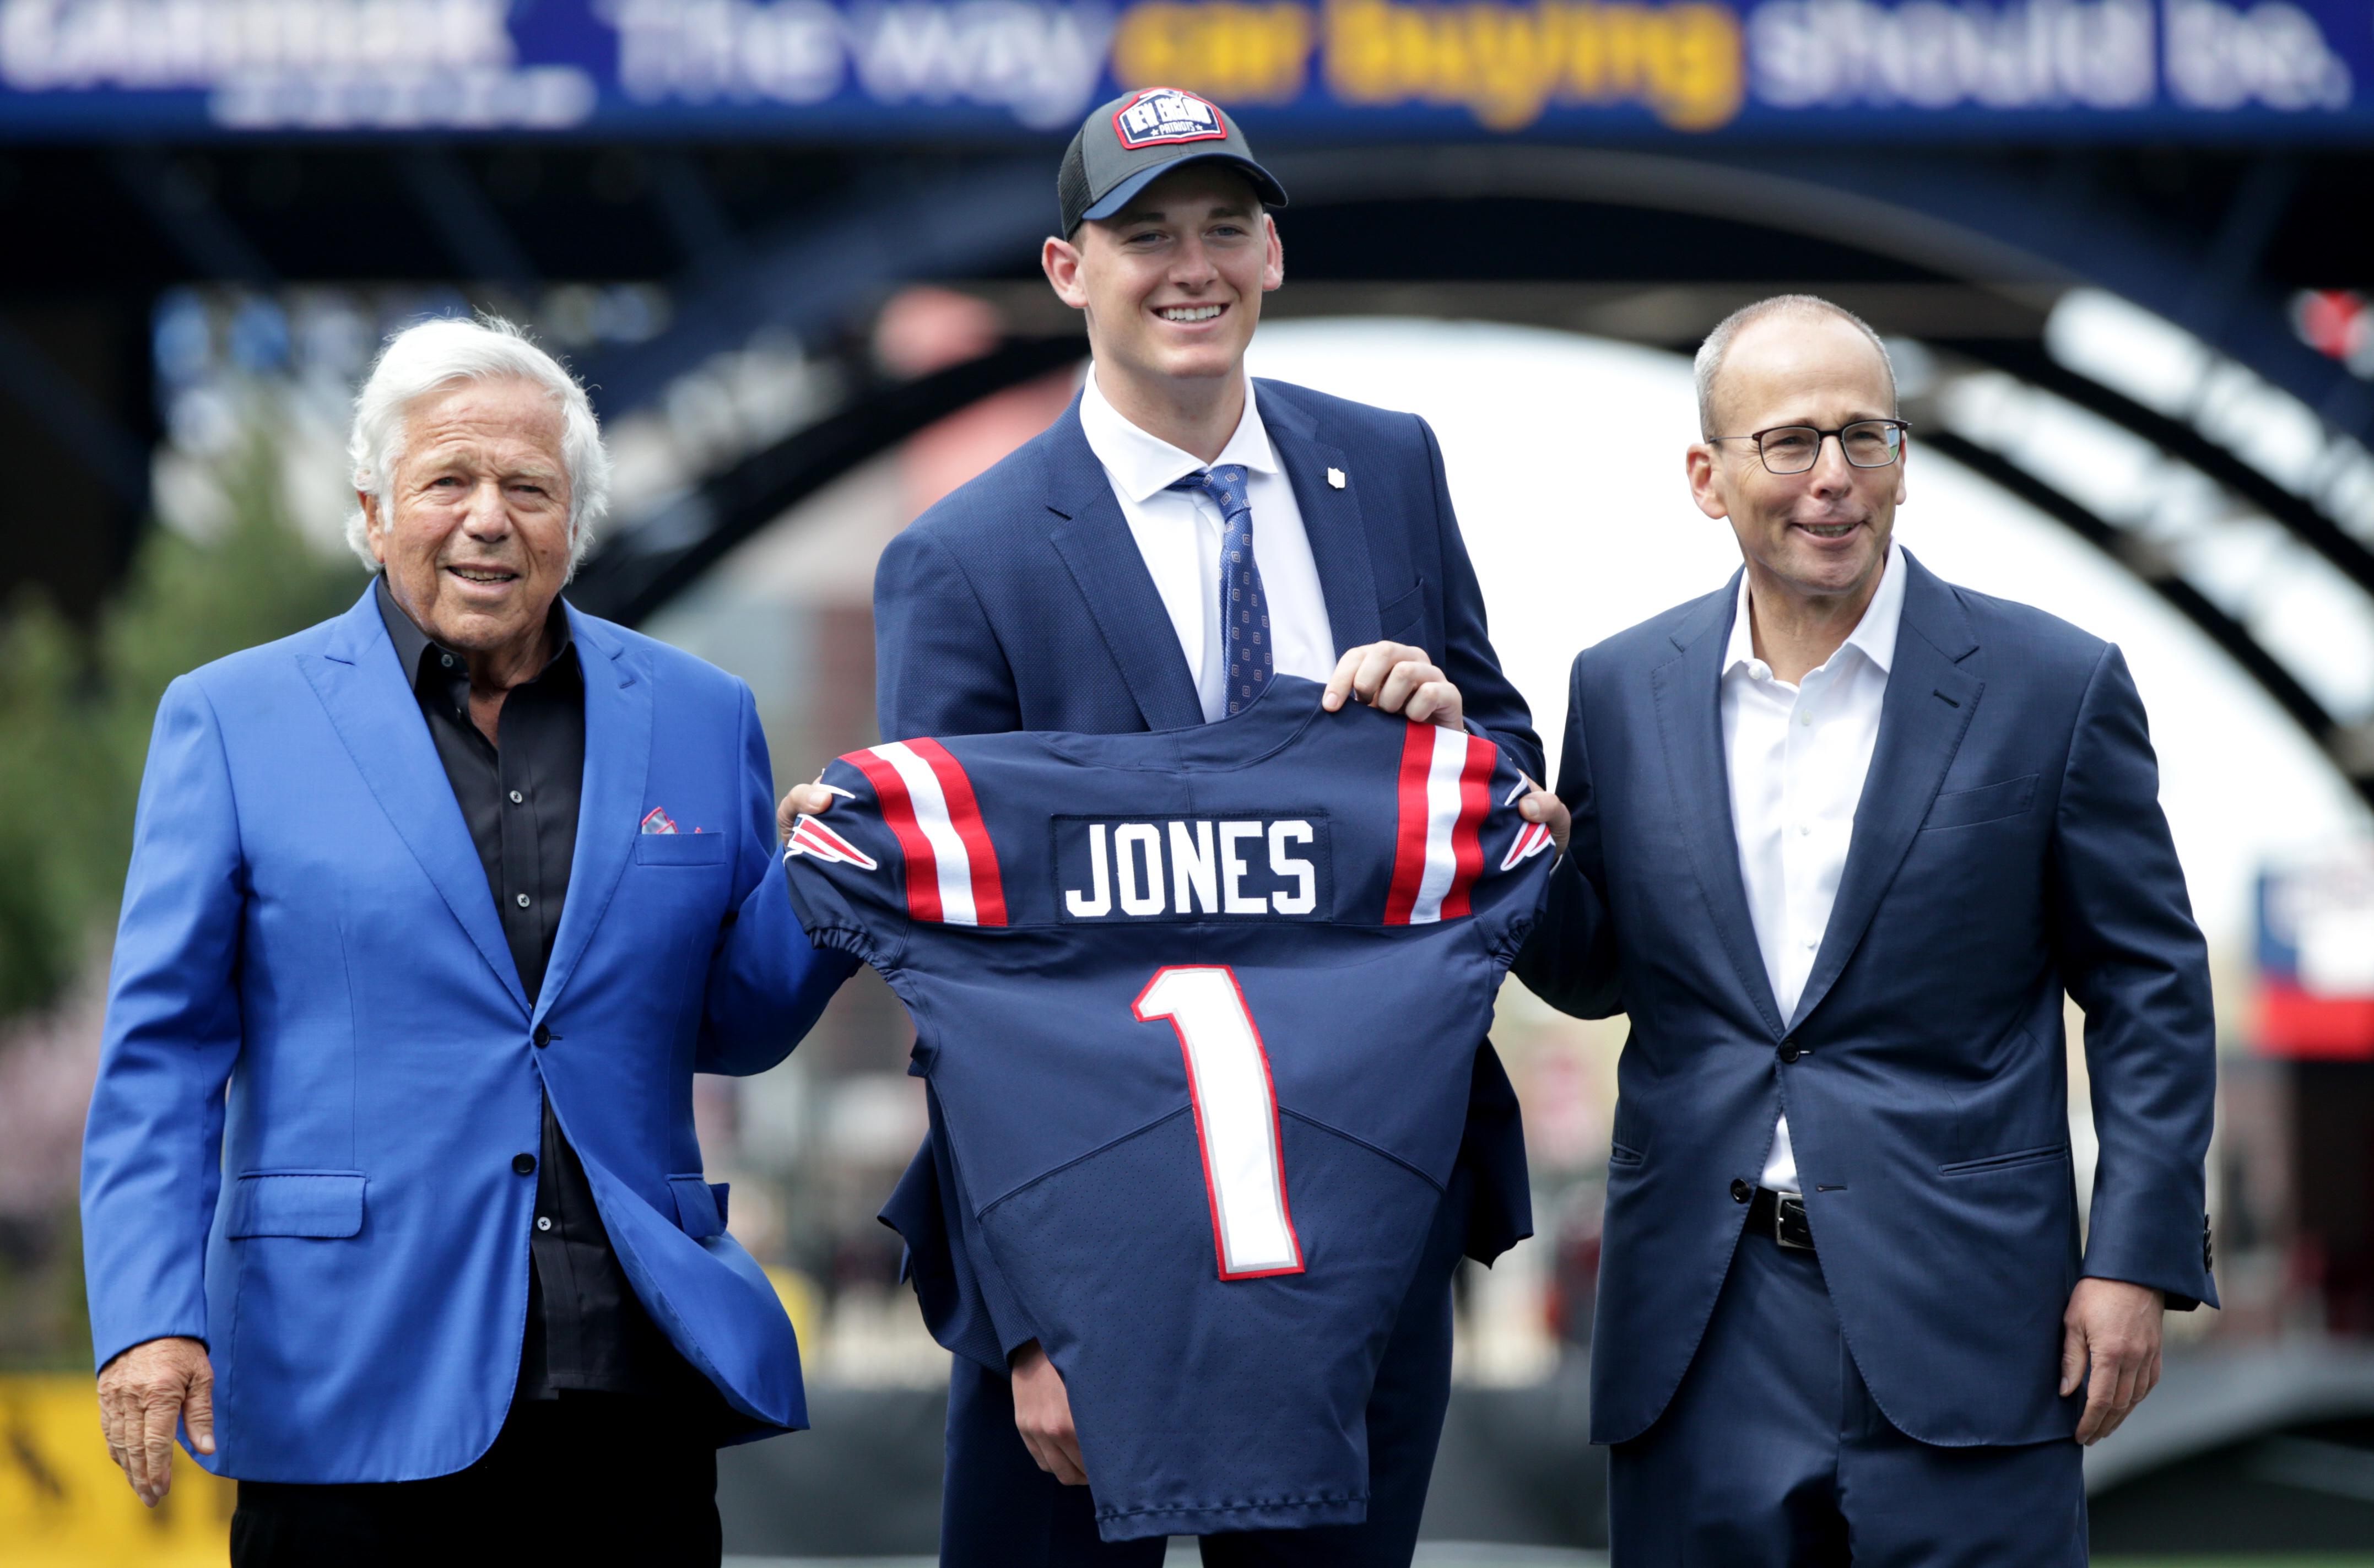 Patriots Draft Pick Mac Jones